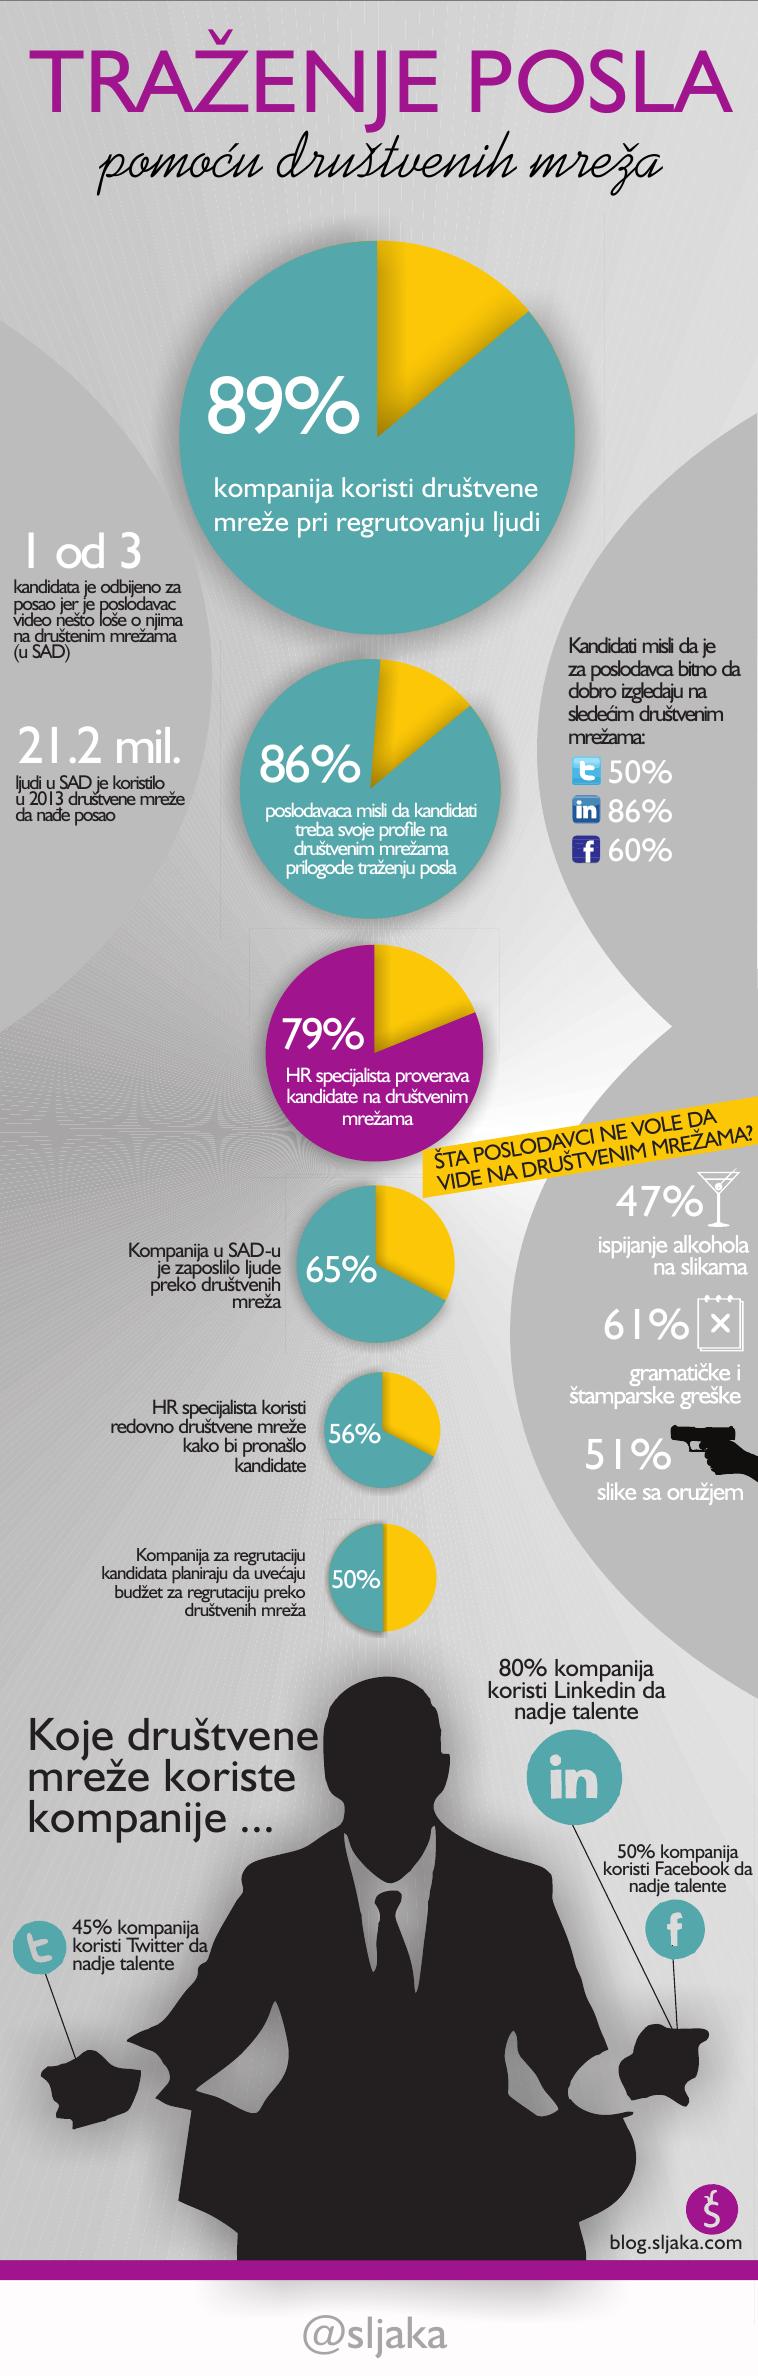 Kako naći posao preko društvenih mreža?